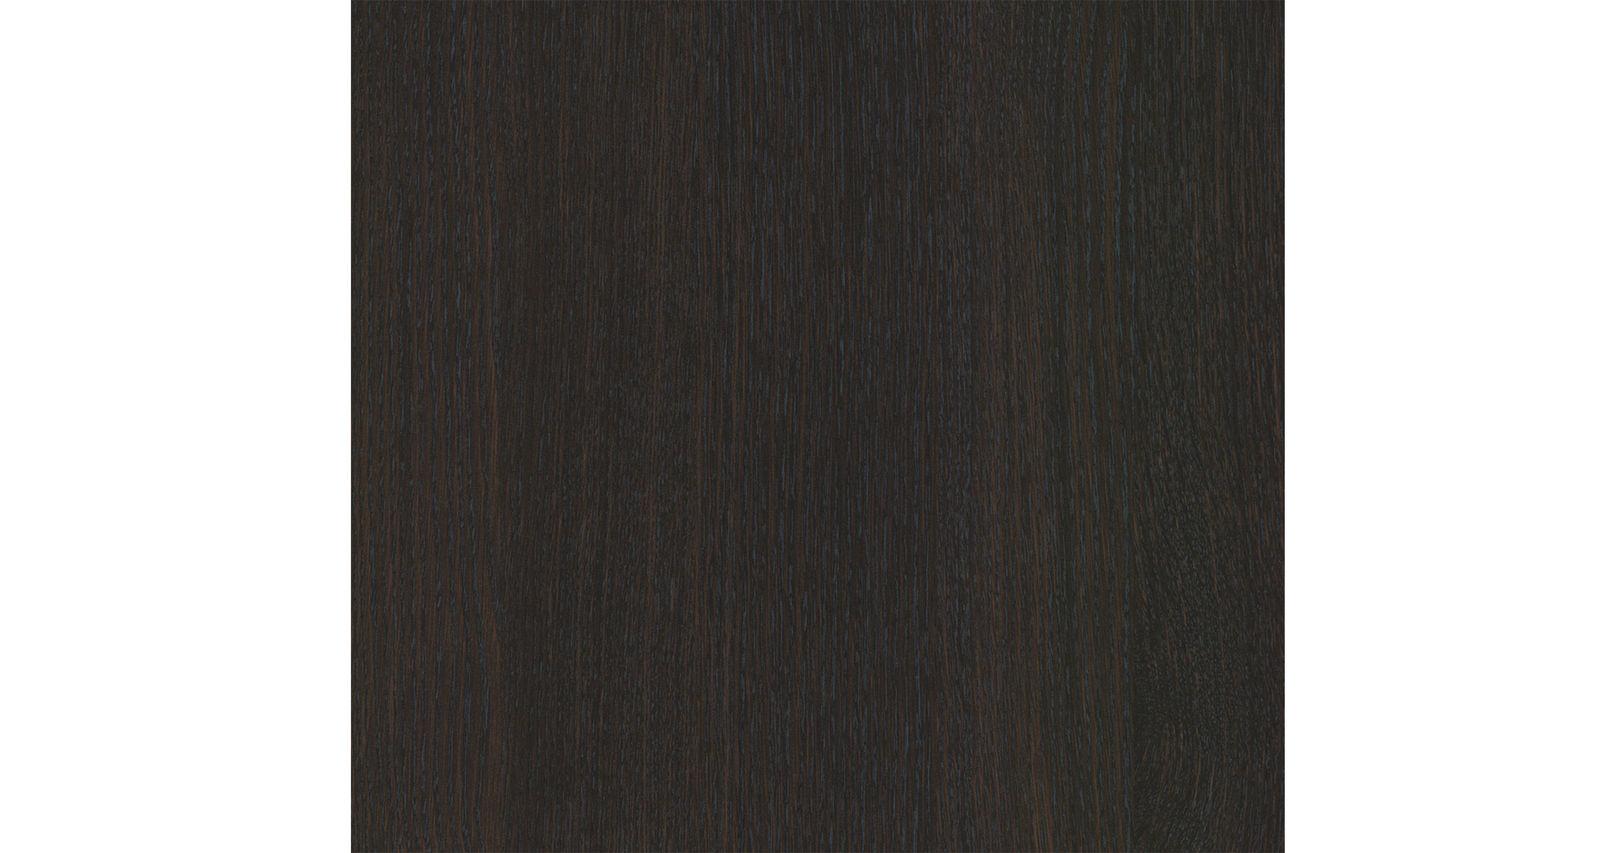 Шкаф-купе двухдверный Манчестер 156 см (дуб феррара/кремовый)